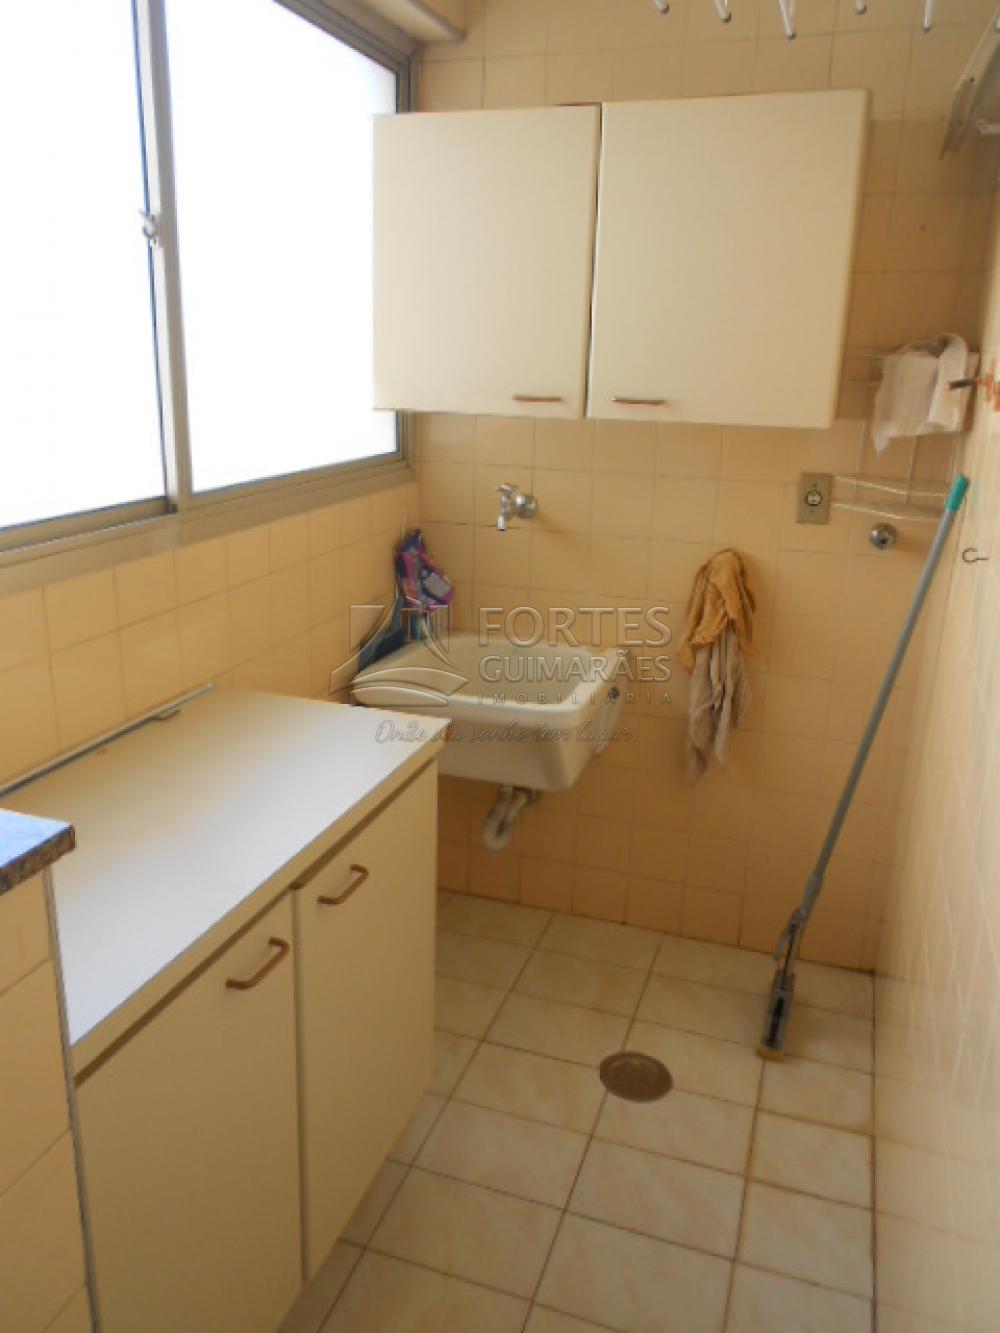 Alugar Apartamentos / Padrão em Ribeirão Preto apenas R$ 750,00 - Foto 24